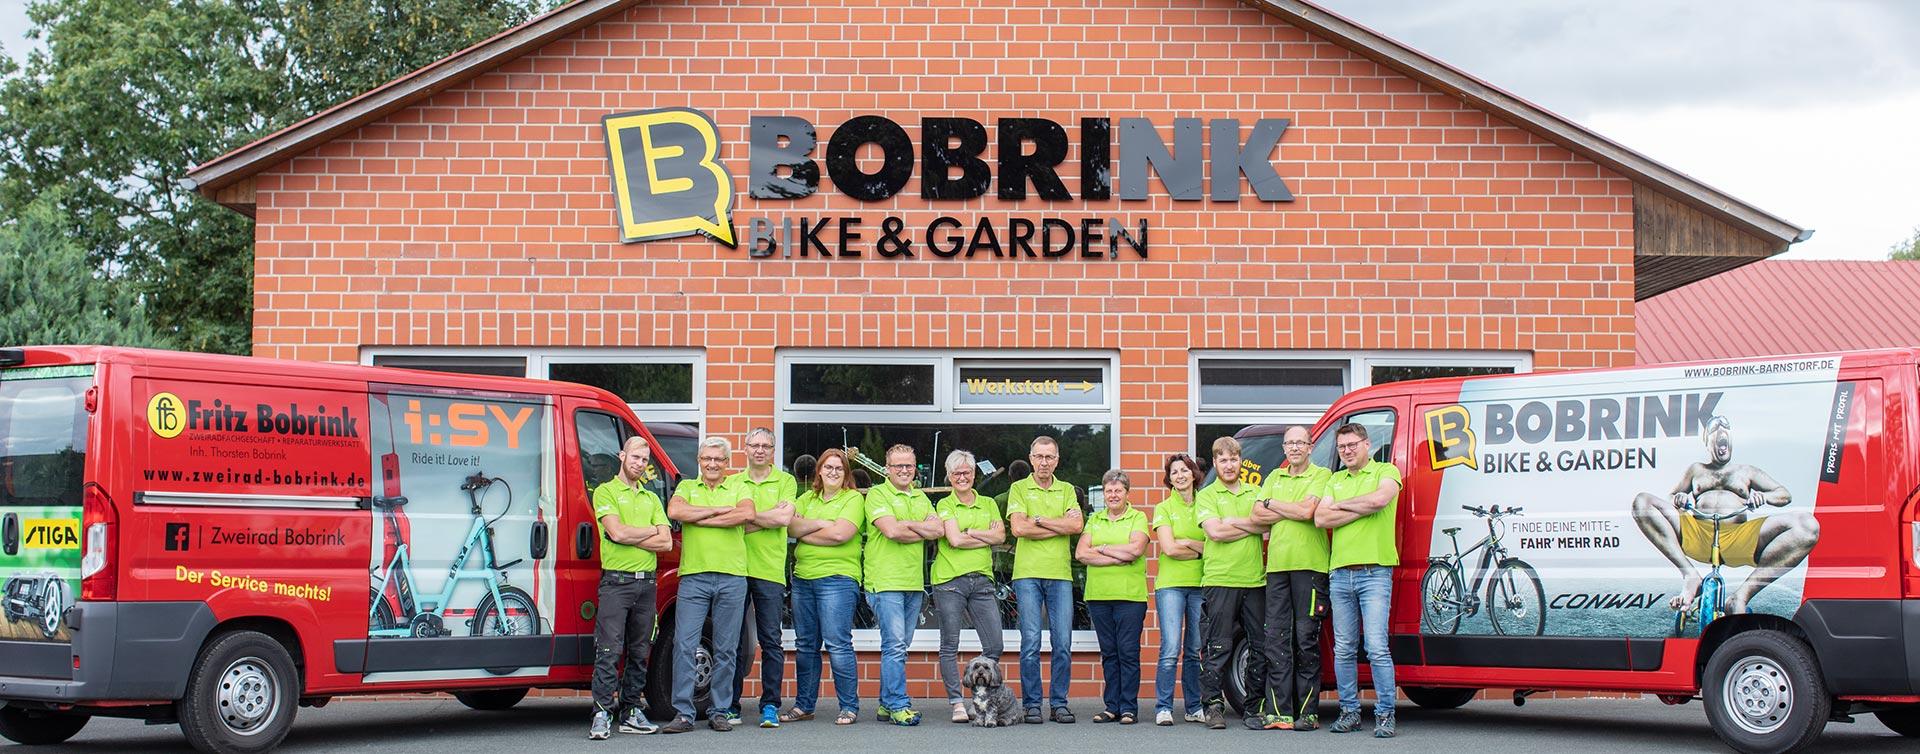 Bike & Garden Bobrink - Wir stellen uns und unser Unternehmen vor